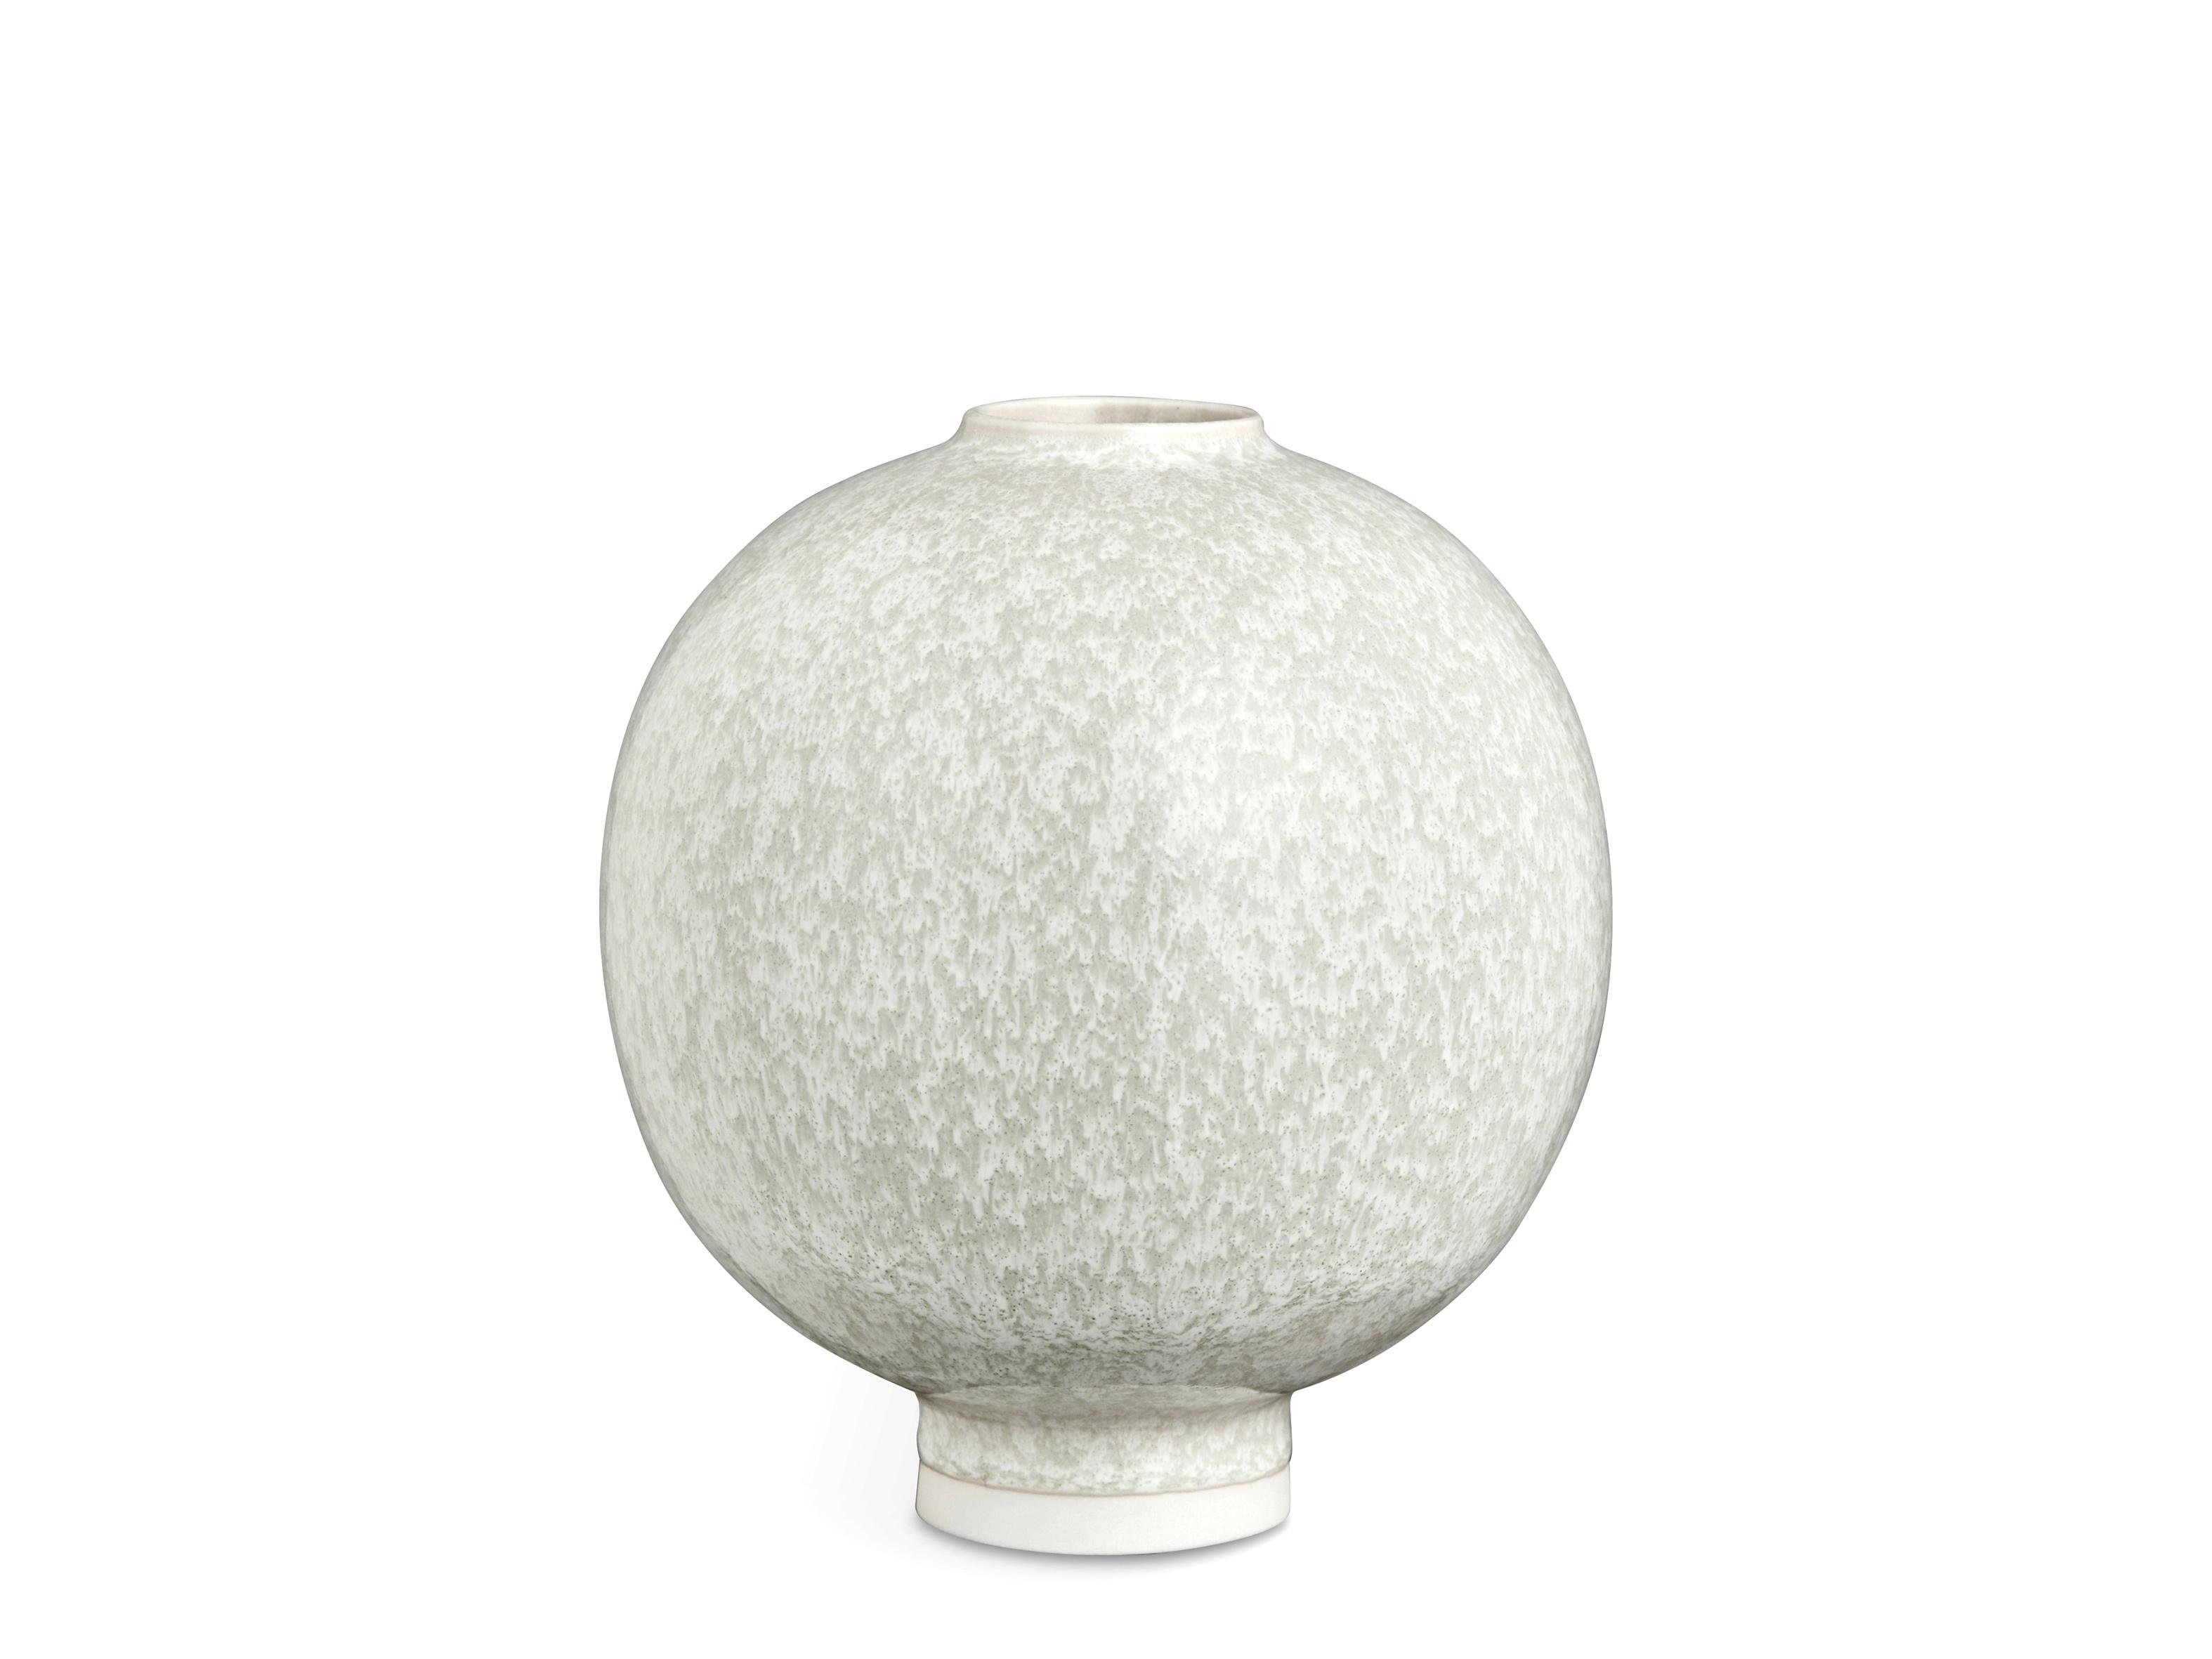 Kähler Unico vase, 17 cm, grøn